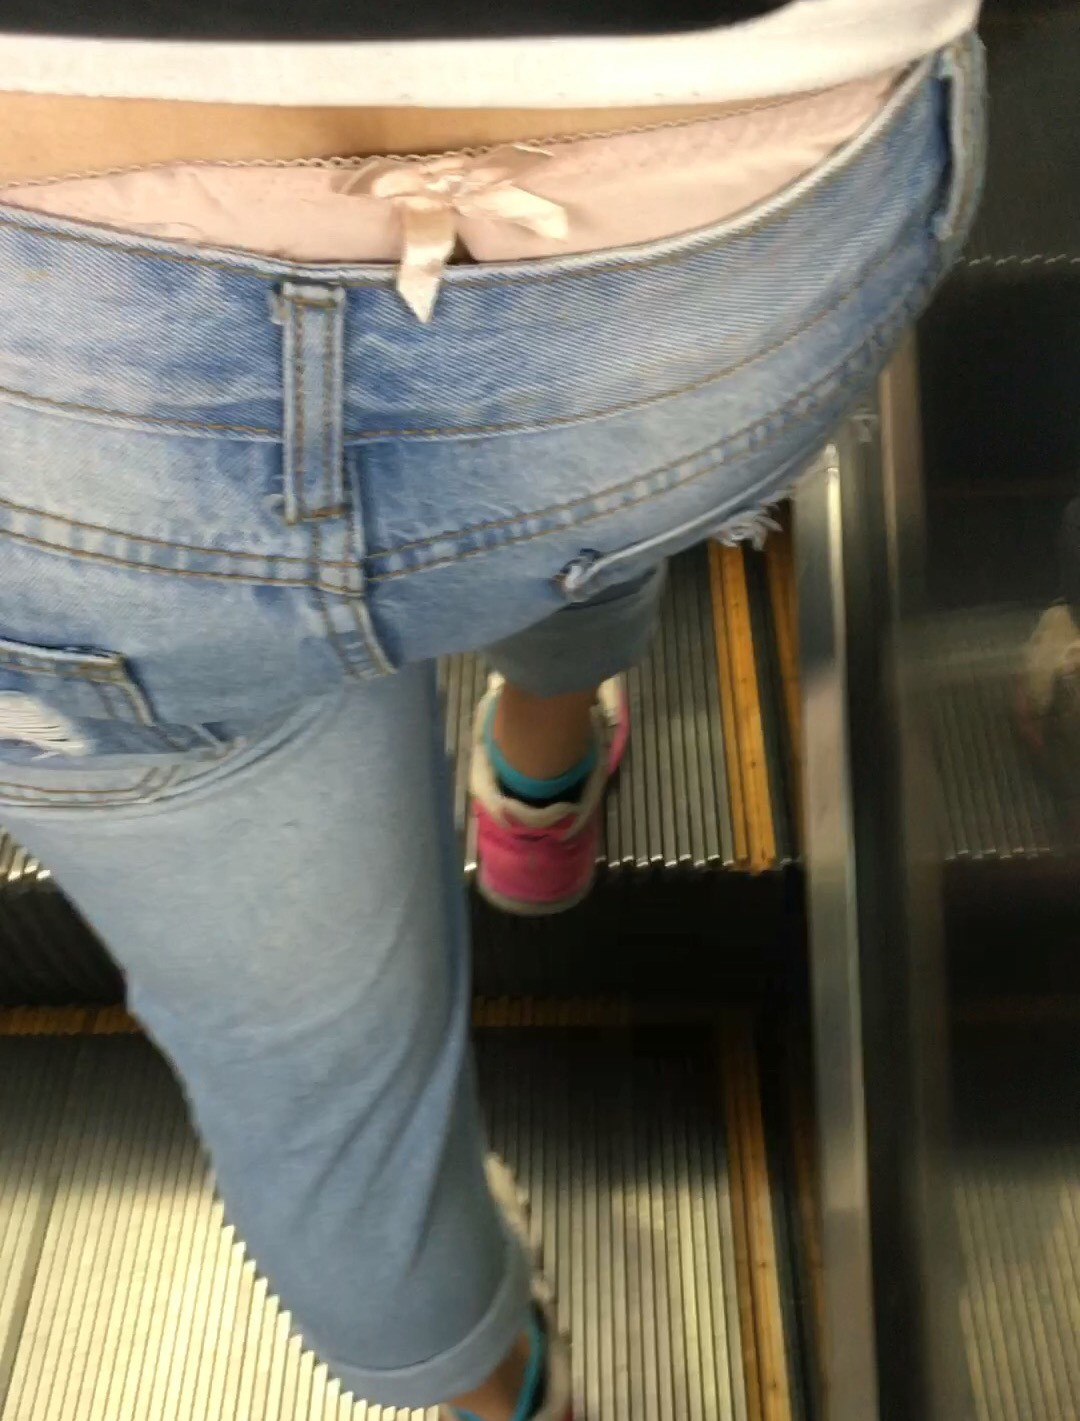 エスカレーターで至近距離からパンツを盗撮!